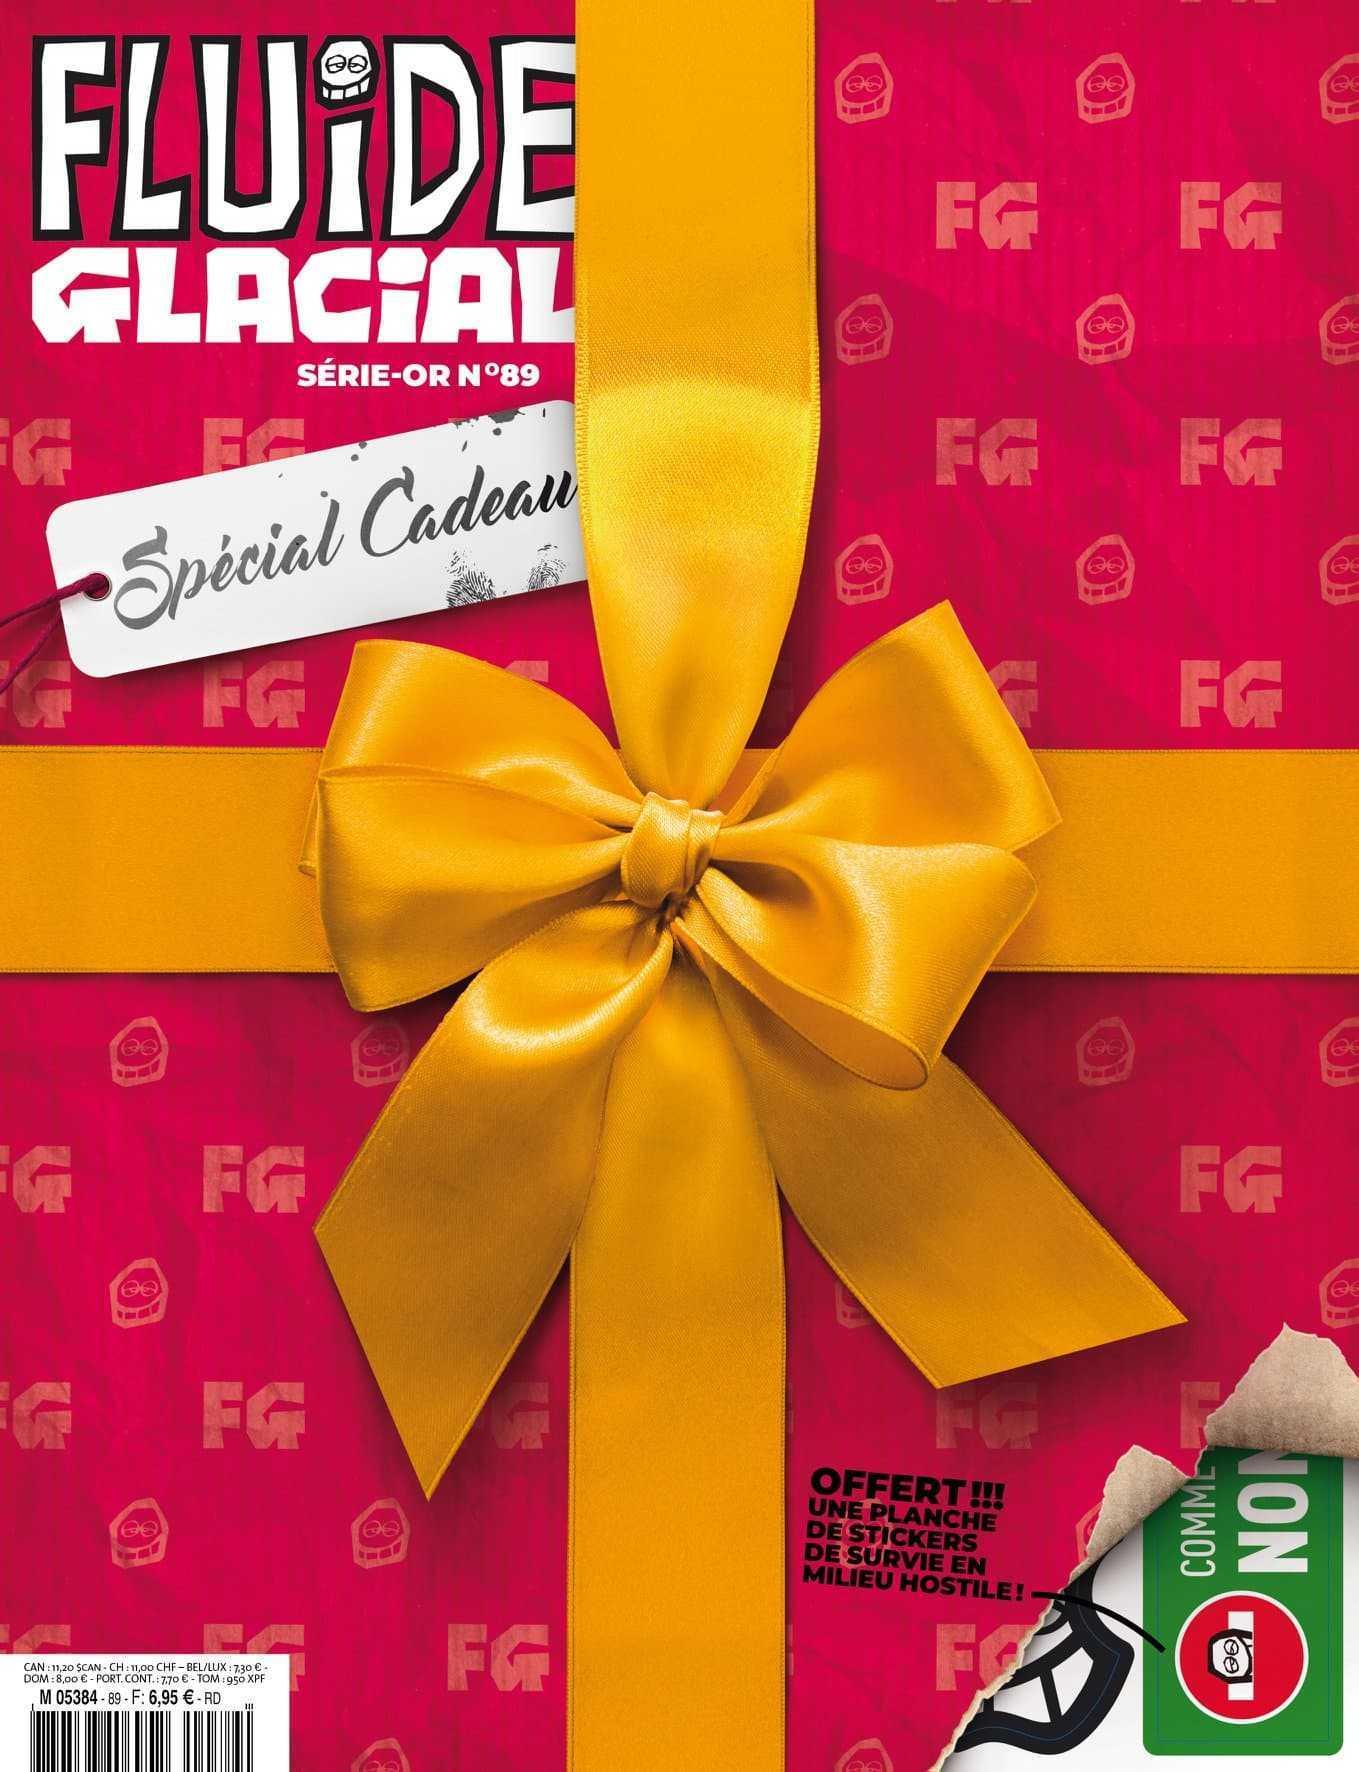 Fluide Glacial, un spécial cadeaux de (très) bon goût pour Noël 2019